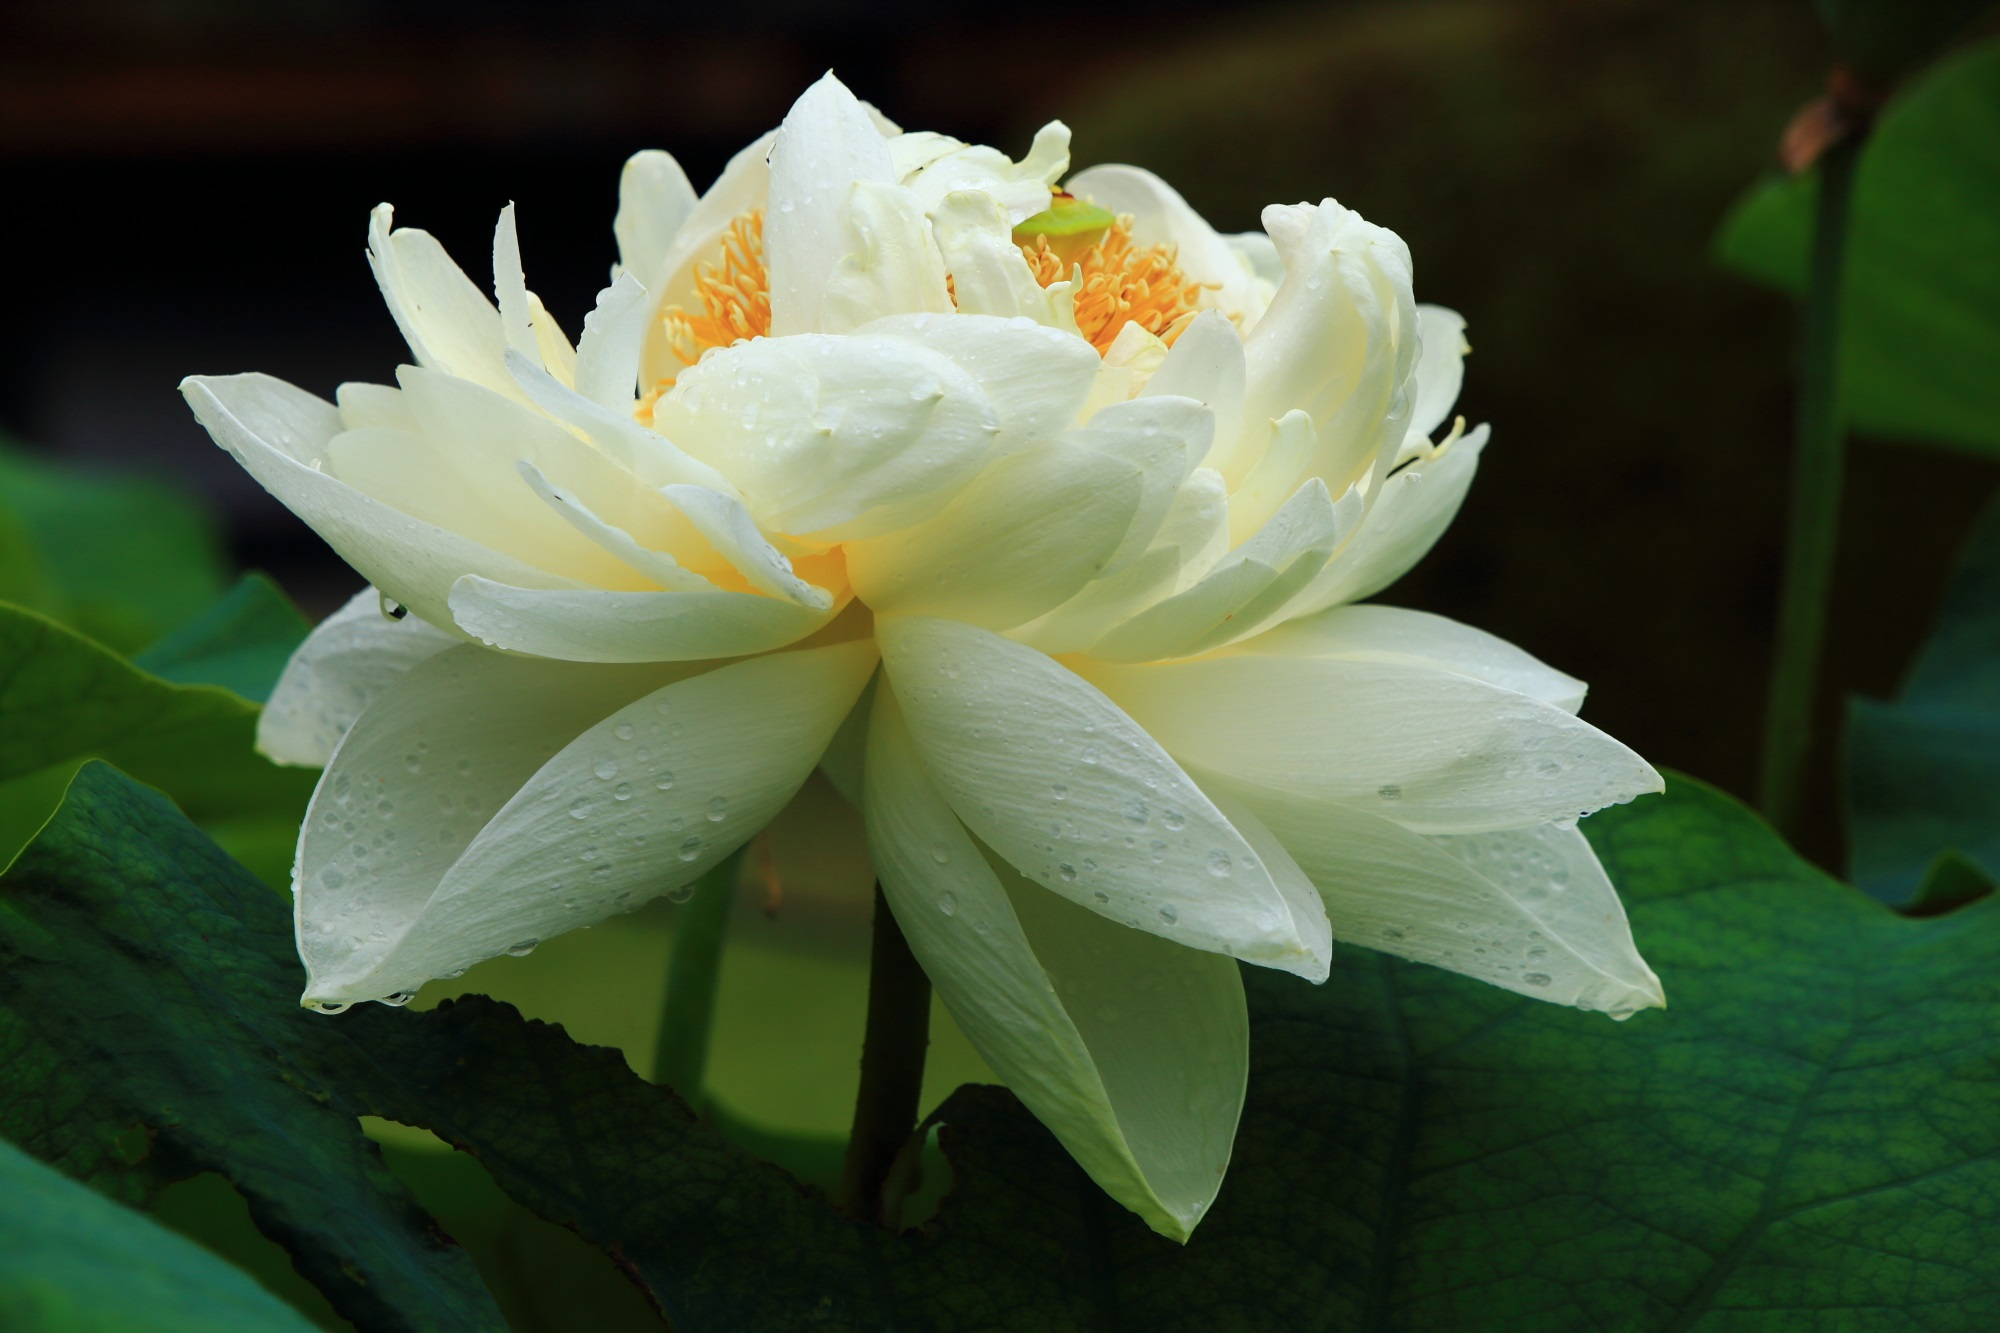 真っ白な花びらをいっぱいにつけた雨で潤う豪快な蓮の花